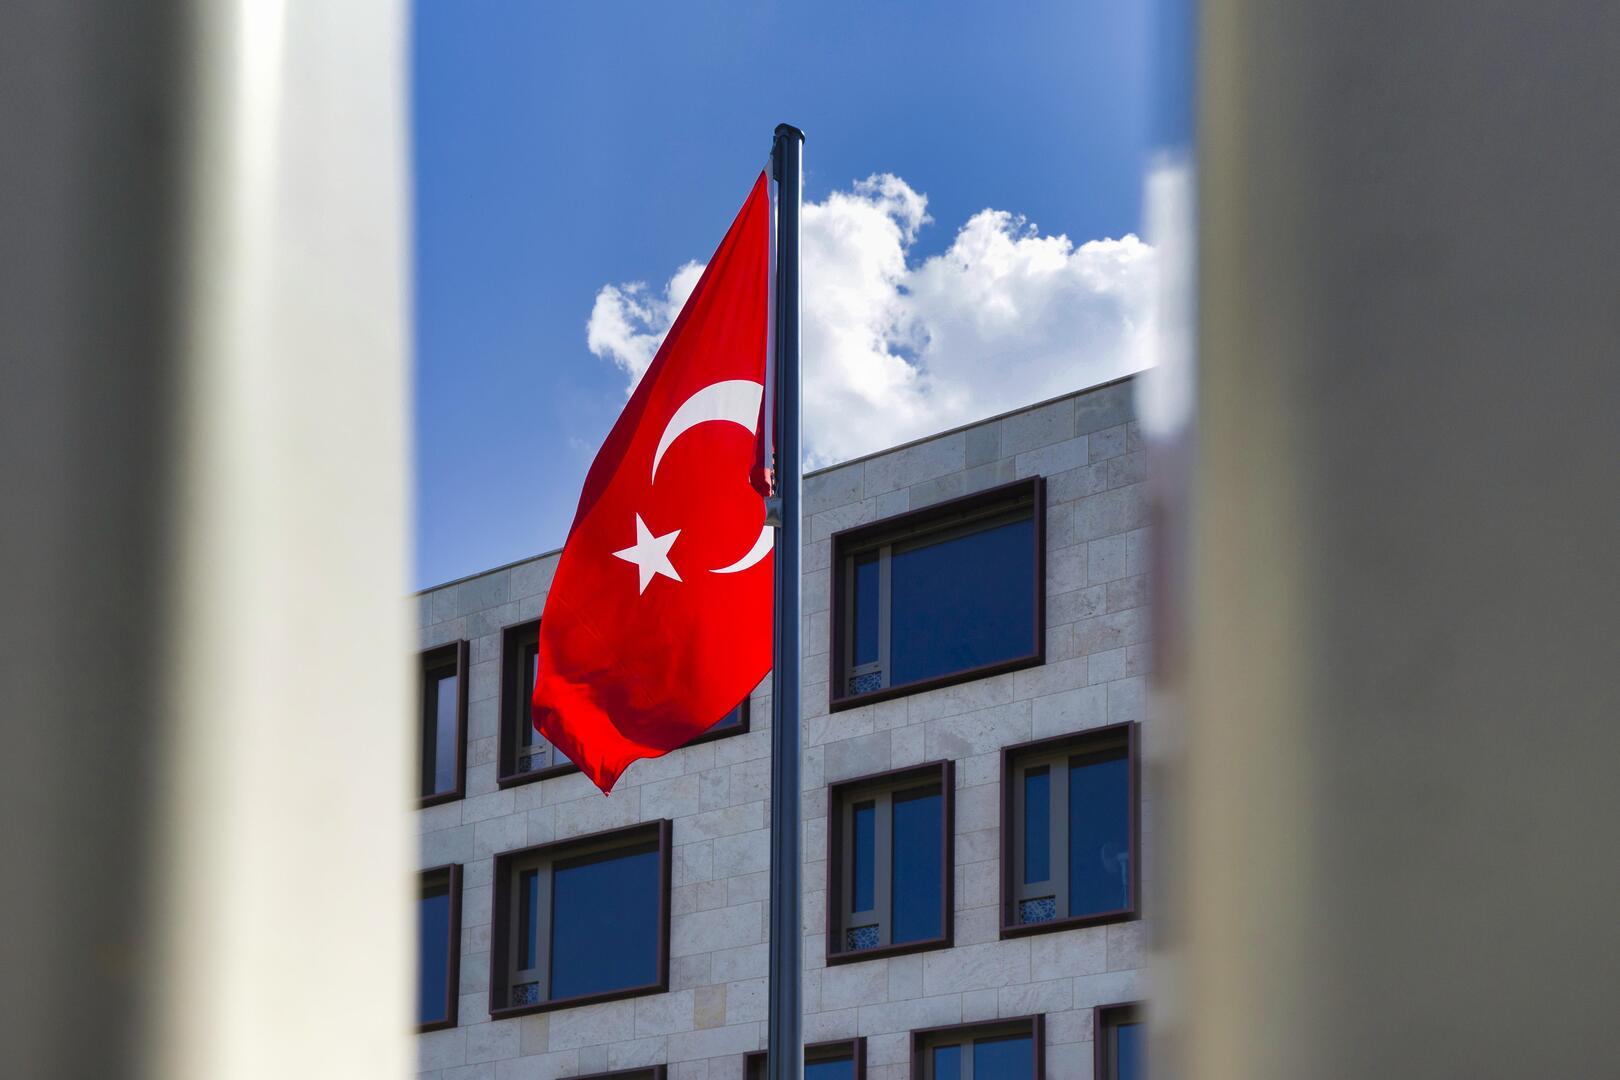 نائب أردوغان: على قبرص الرومية التخلي عن رؤية نفسها صاحب الجزيرة الوحيد